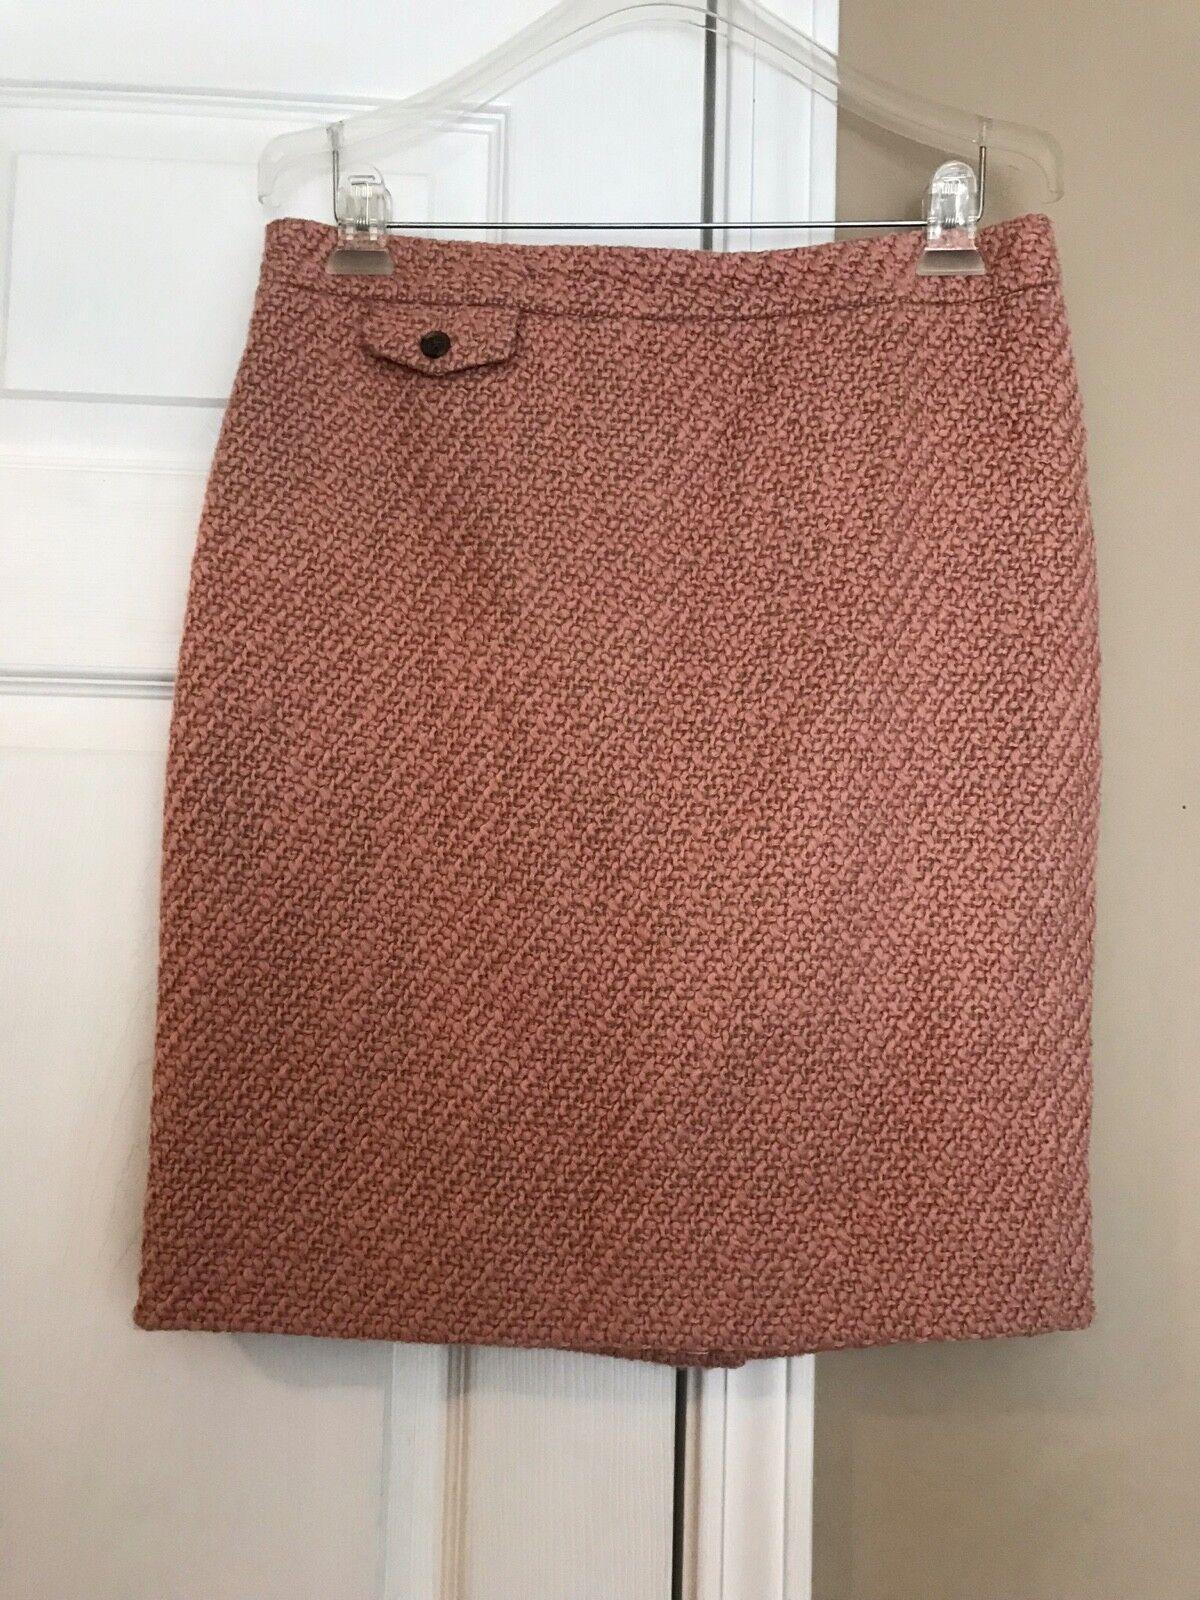 J Crew No 2 Pencil Skirt in Pink Vintage Tweed  148 Sz 8 NWT